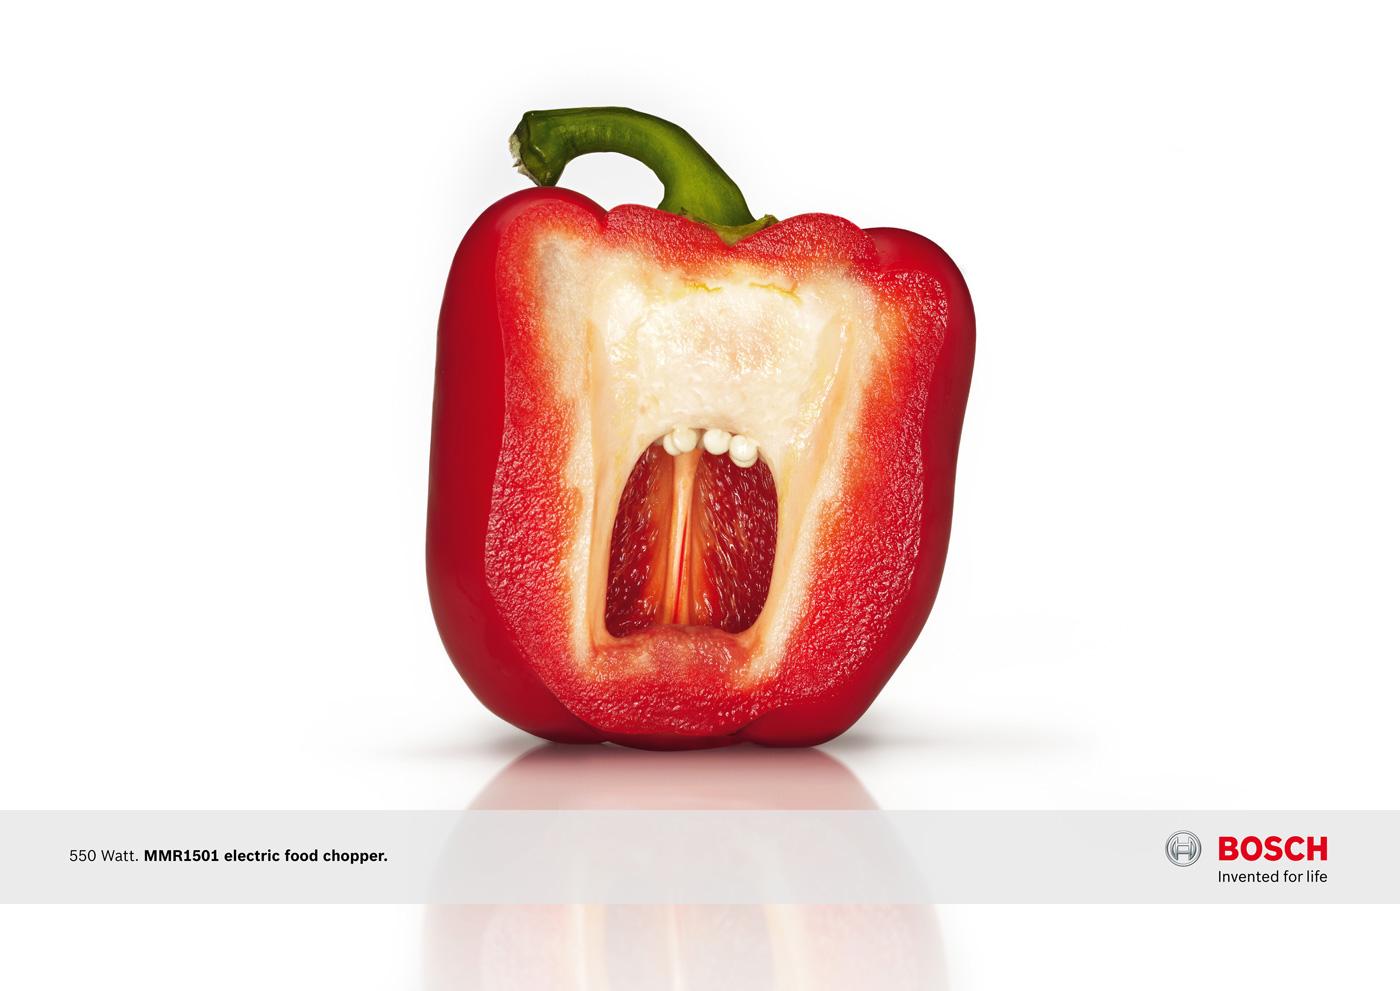 Things That Make Me Go OOOO: I love good ads!